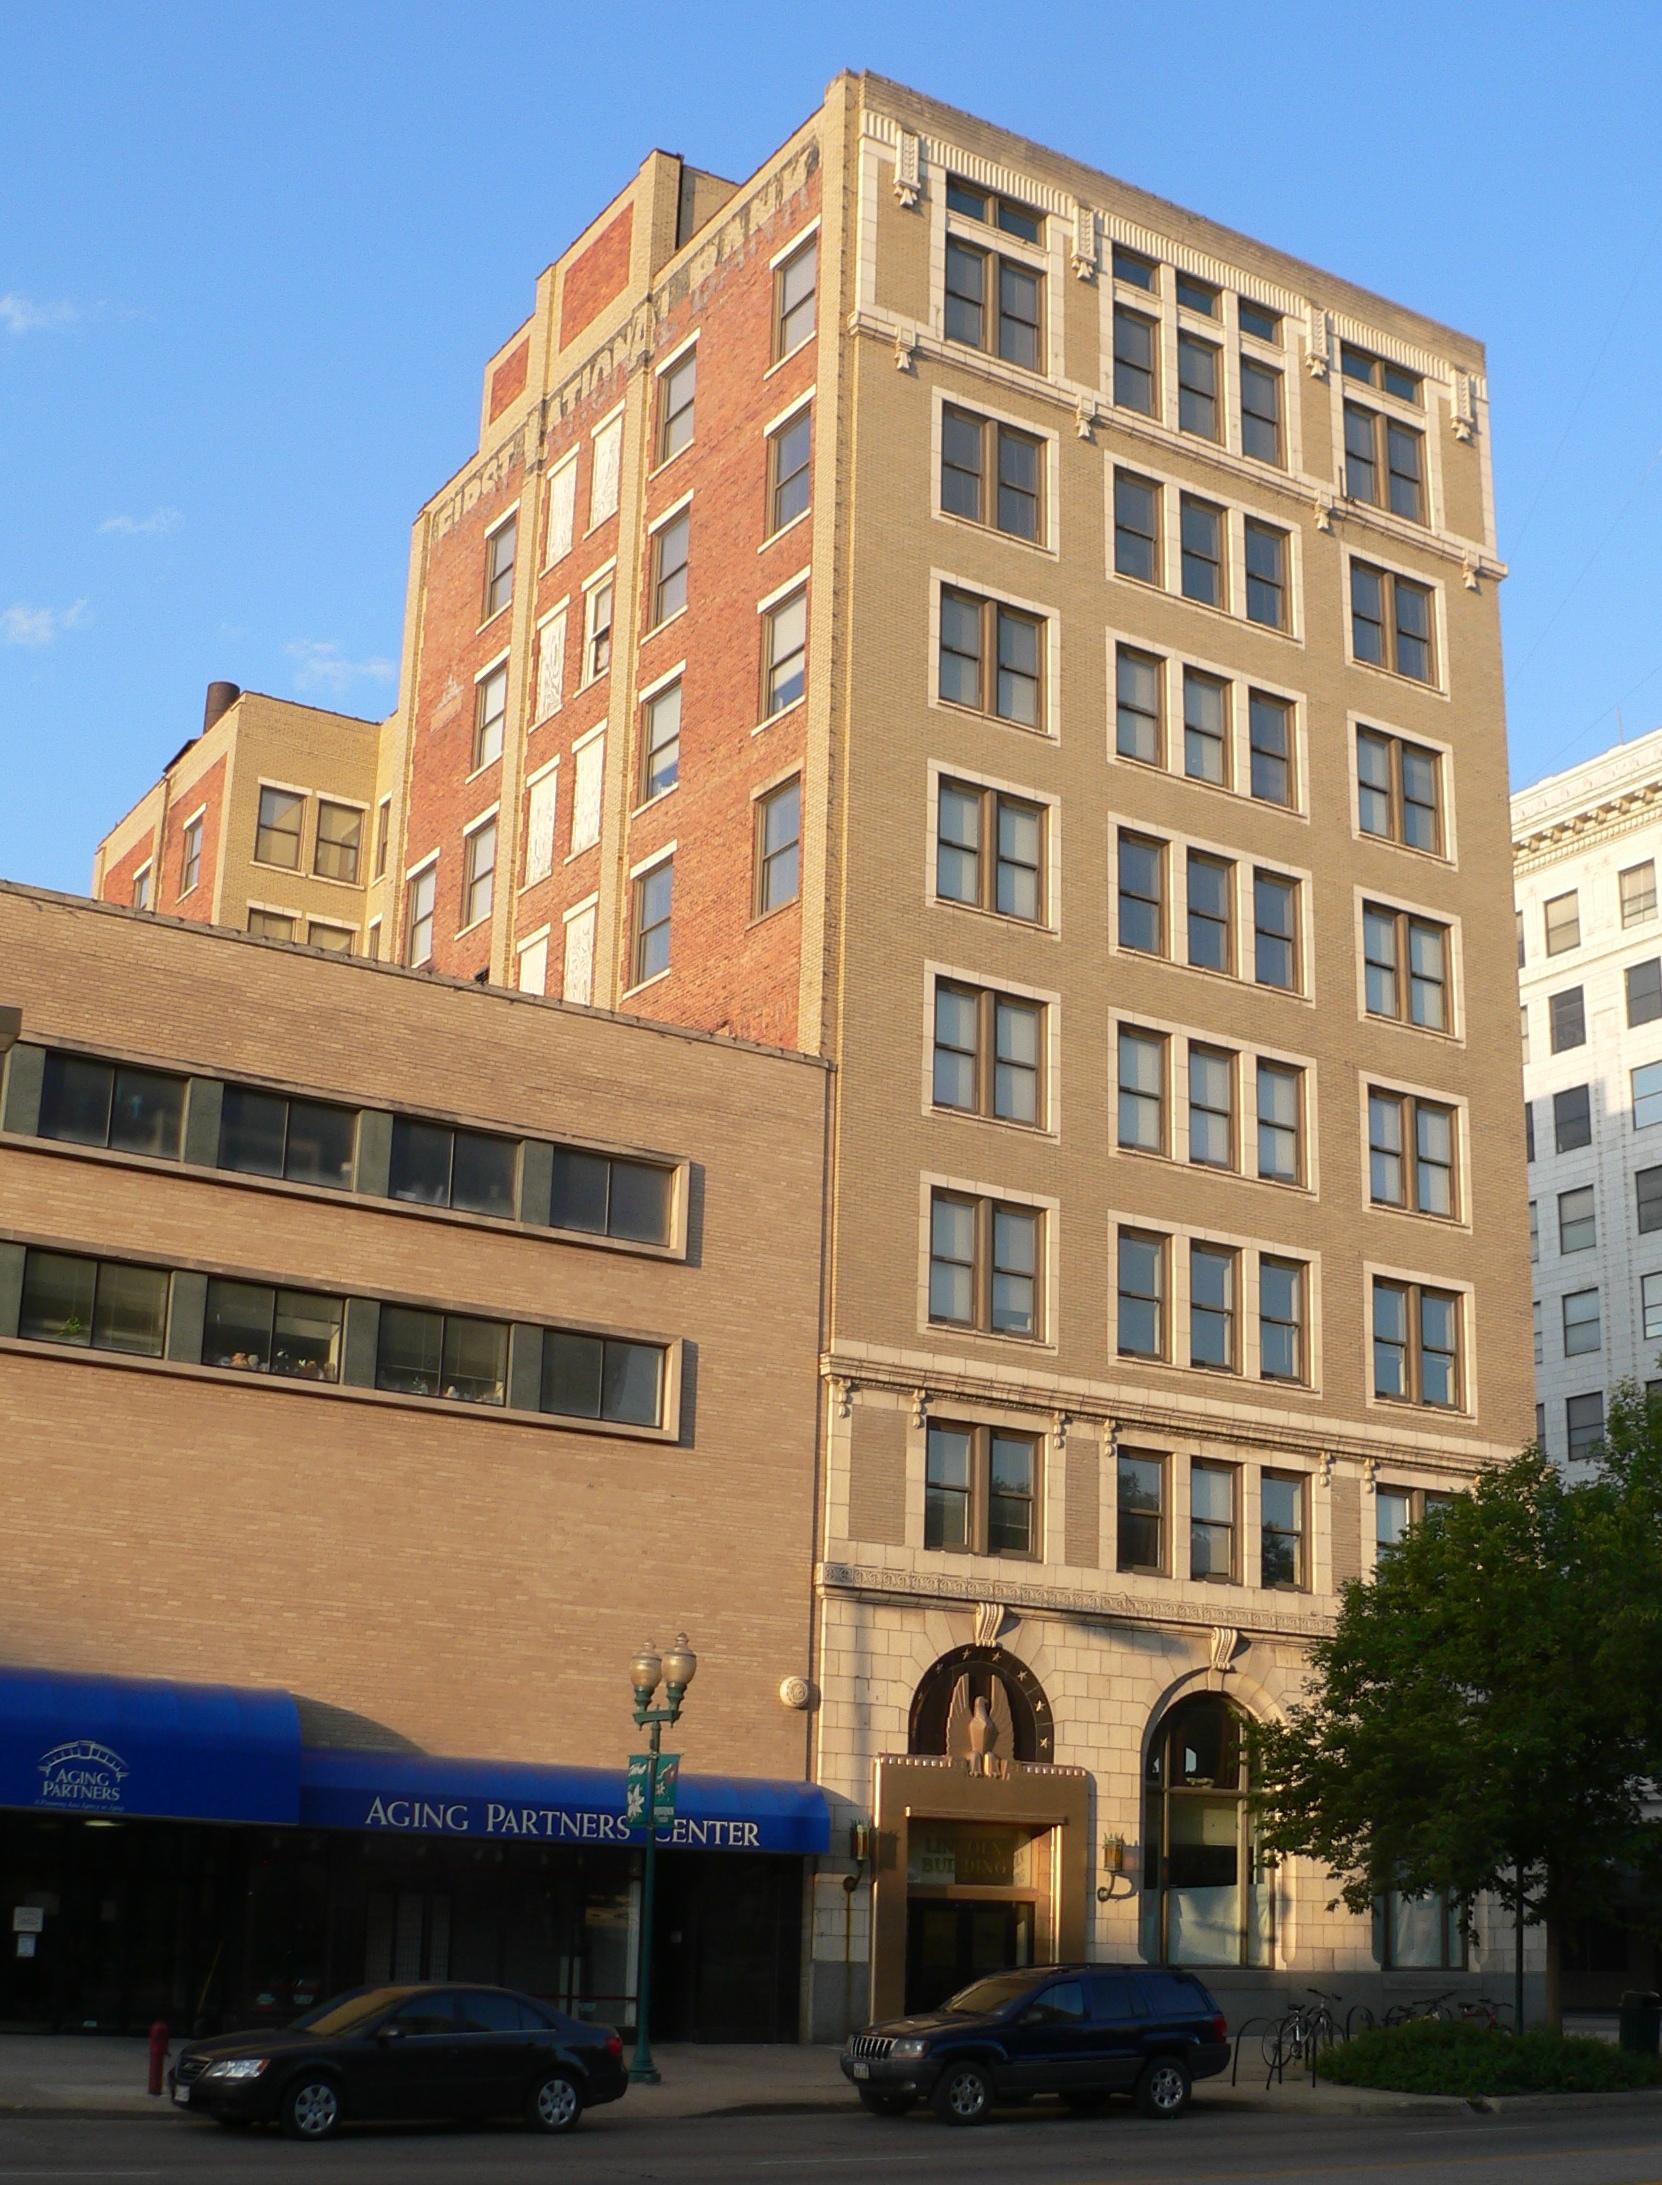 File:First National Bank bldg (Lincoln, Nebraska) from NE ...